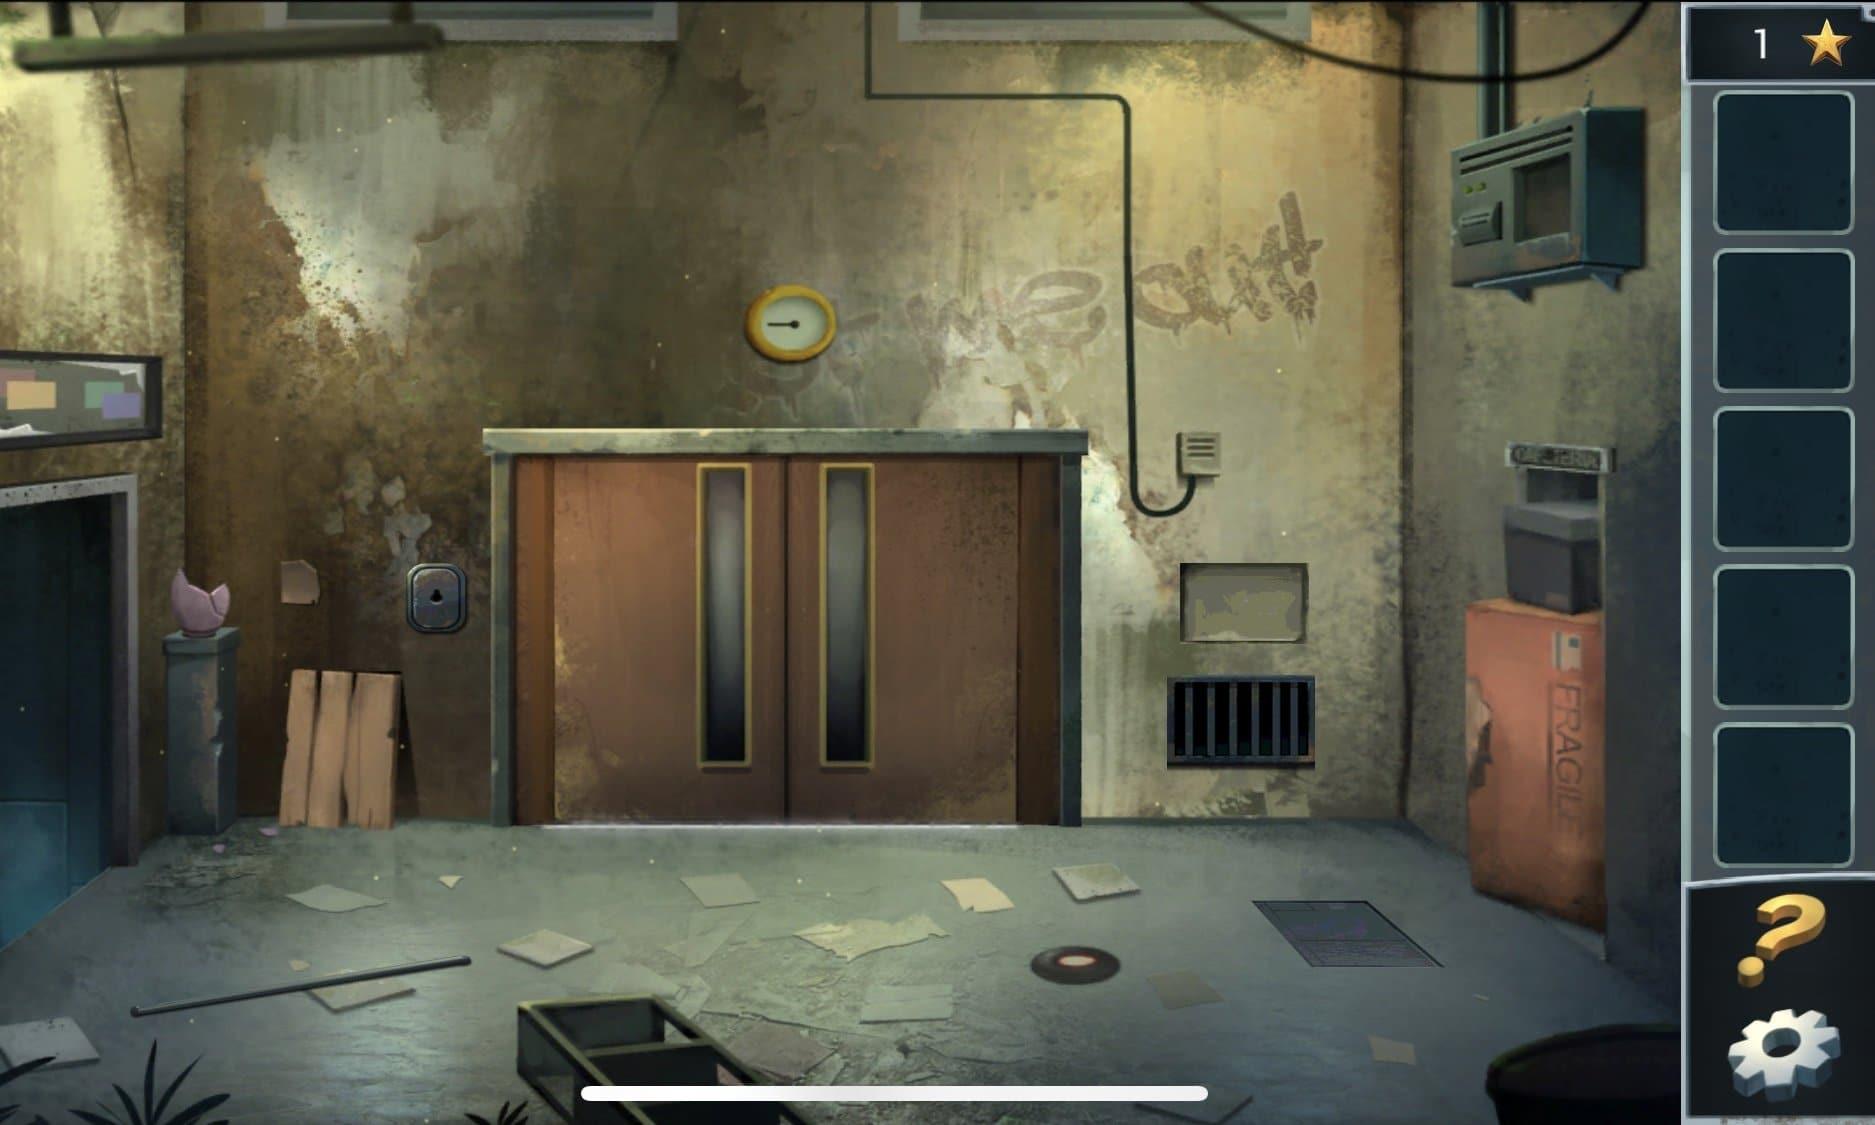 В лифтовом холле возьмите на полу палку и обратите внимание на вентиляционную шахту – около дверей. Через вентиляционную шахту Вы пройдете в столовую комнату